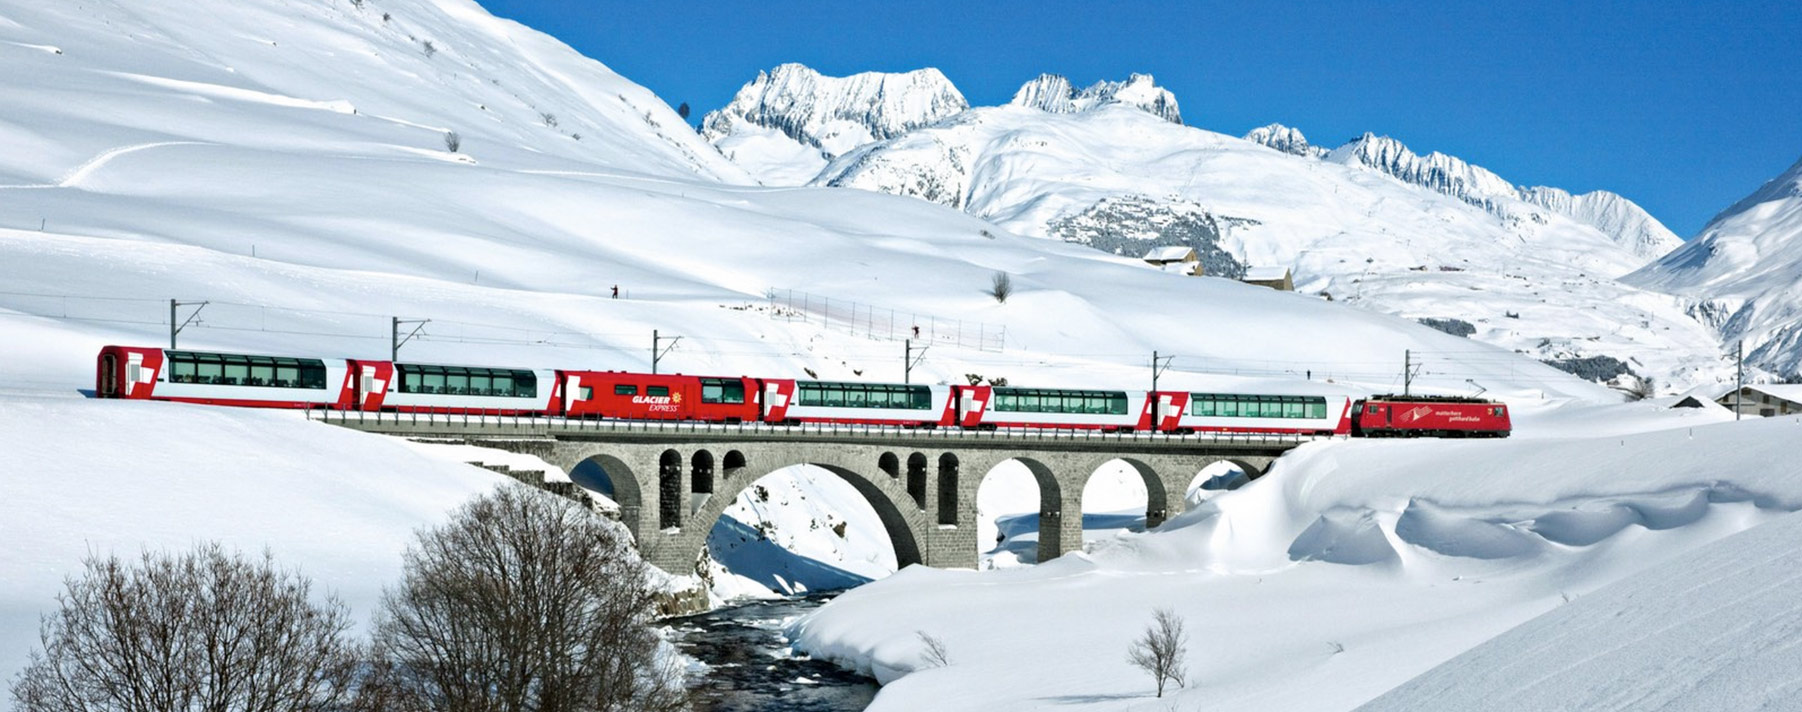 El Glacier Express es conocido como el tren expreso más lento del mundo, con ocho horas de recorrido de 290 kilómetros.